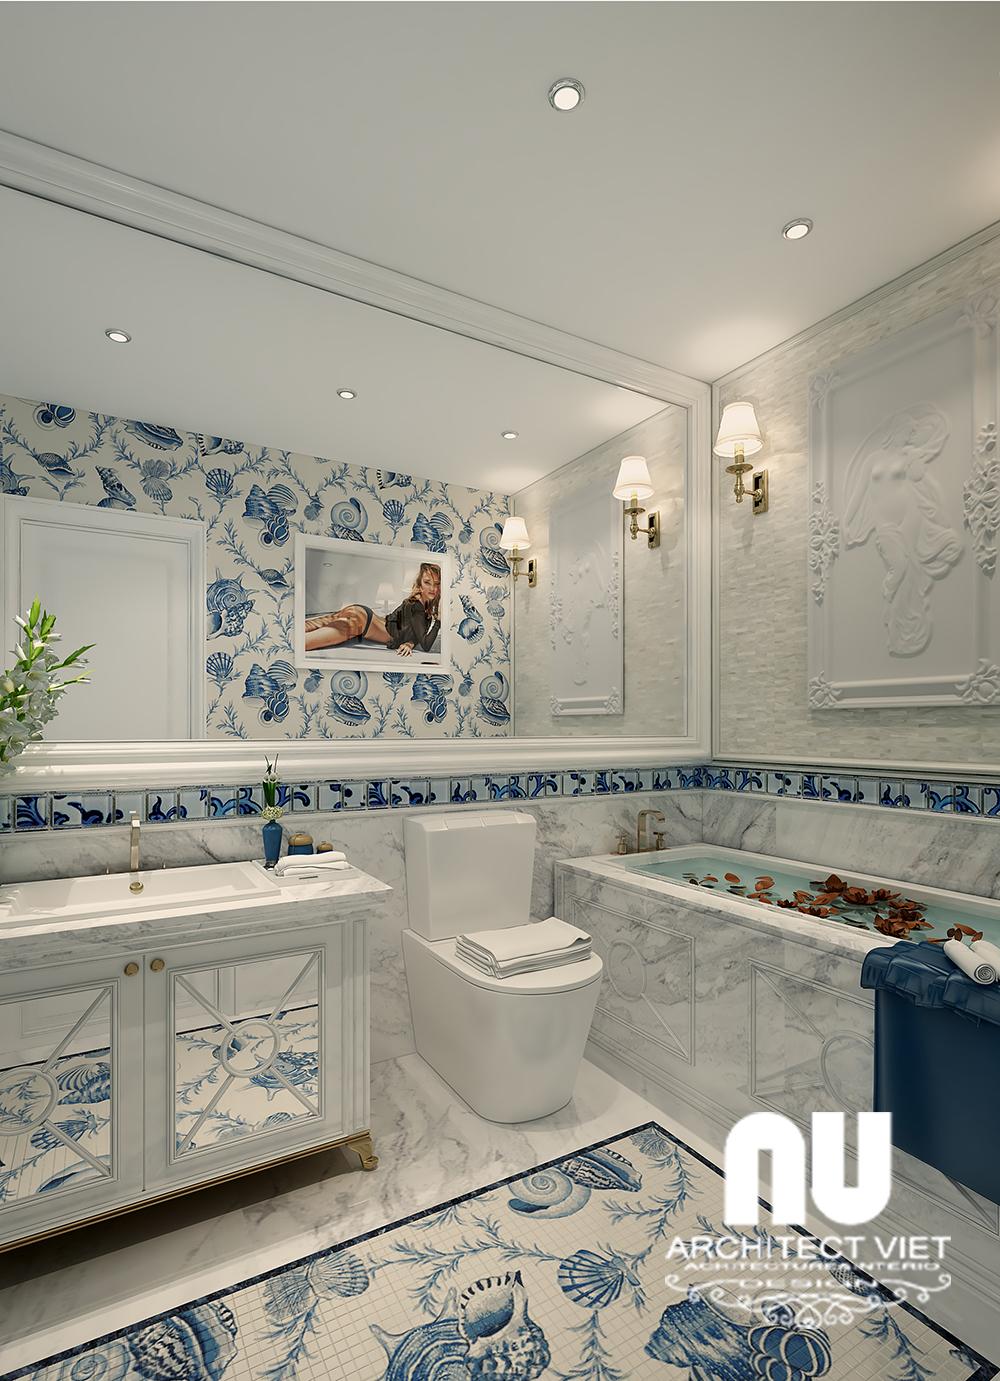 thiết kế nội thất phòng tắm sang trọng với đá ốp cầu kỳ